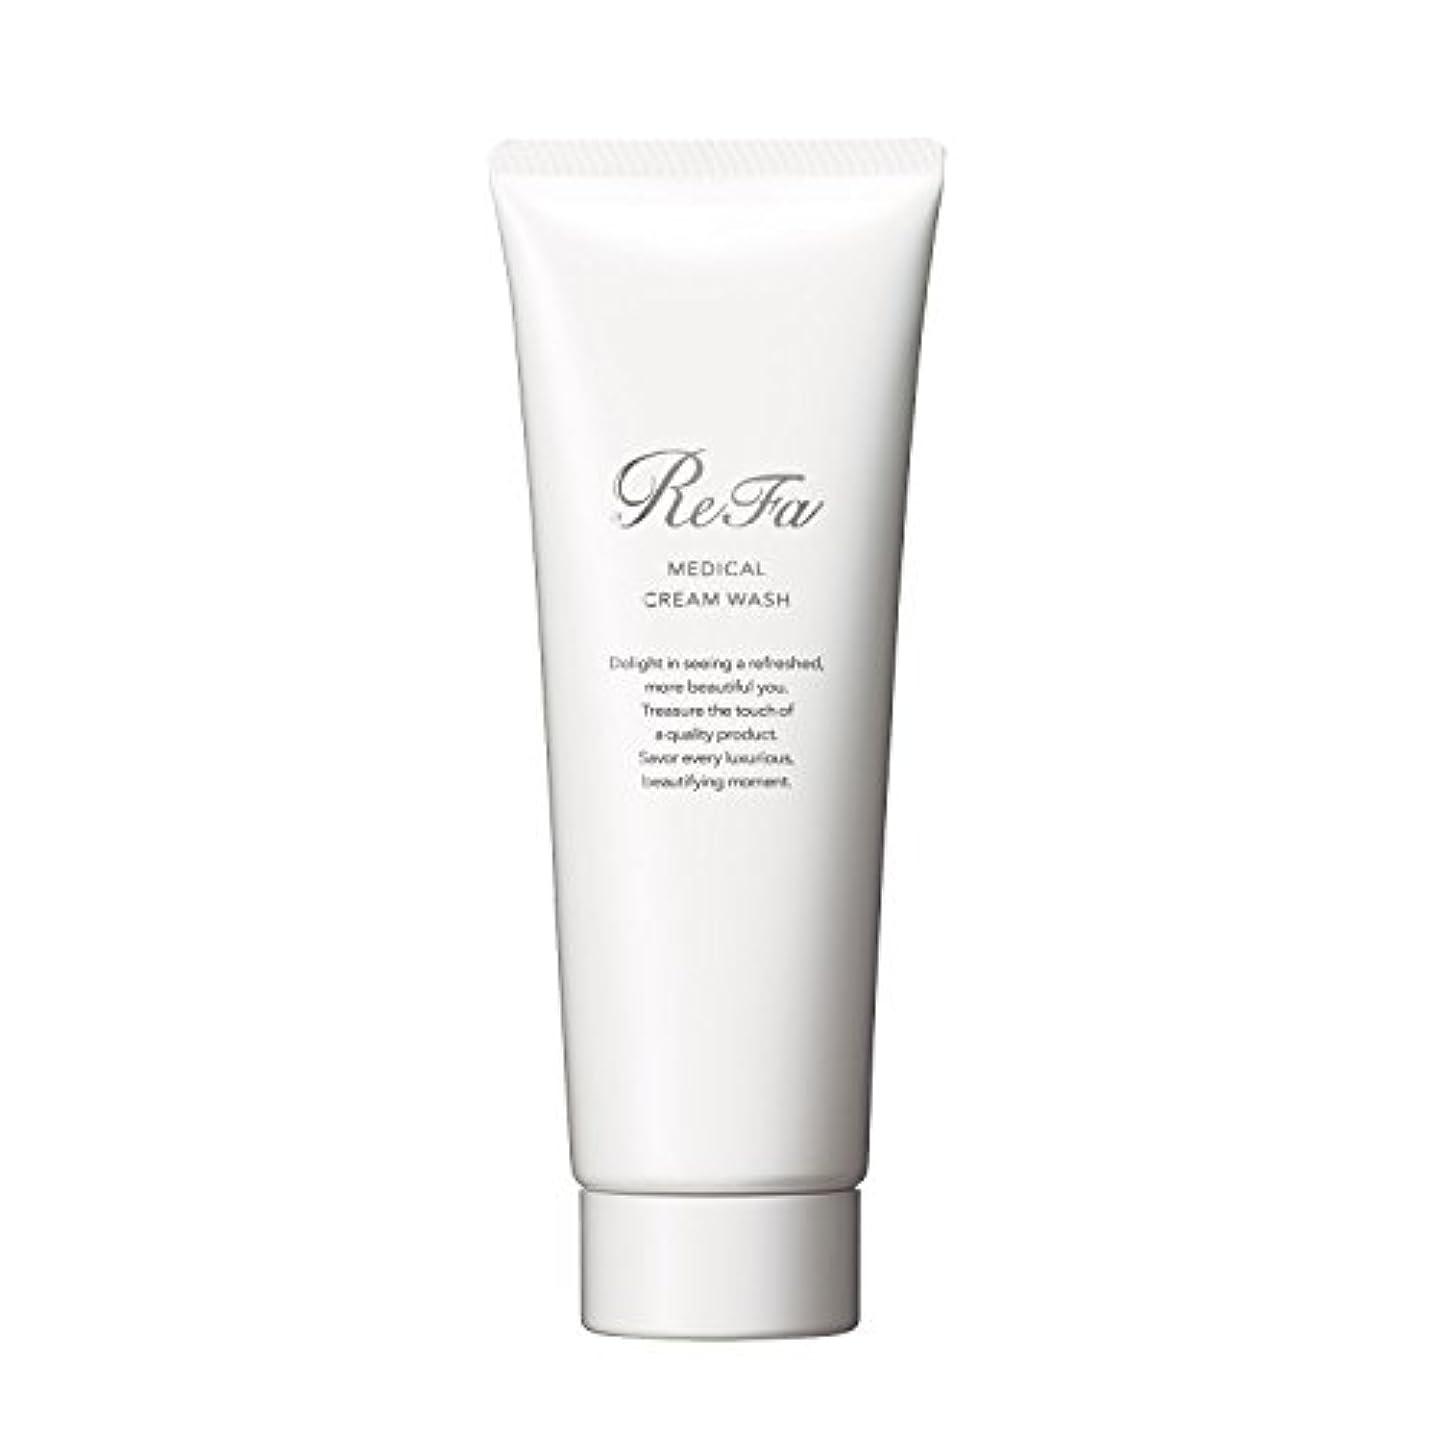 リファメディカルクリームウォッシュ (ReFa MEDICAL CREAM WASH) MTG 【メーカー純正品】 洗顔用